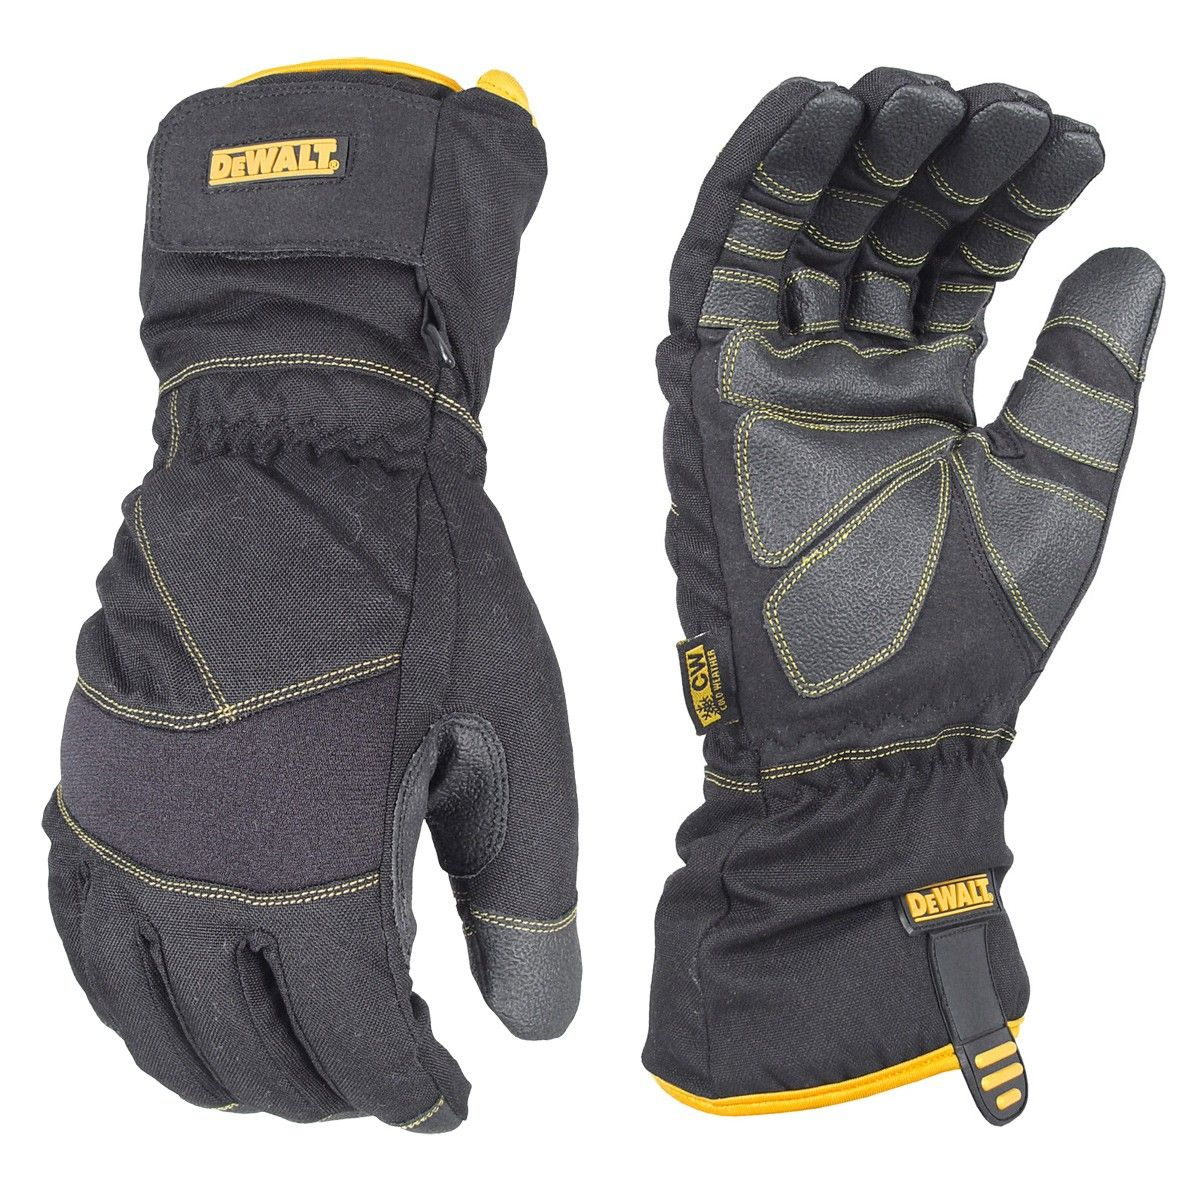 DeWalt Insulated Winter Work Gloves Work gloves, Best